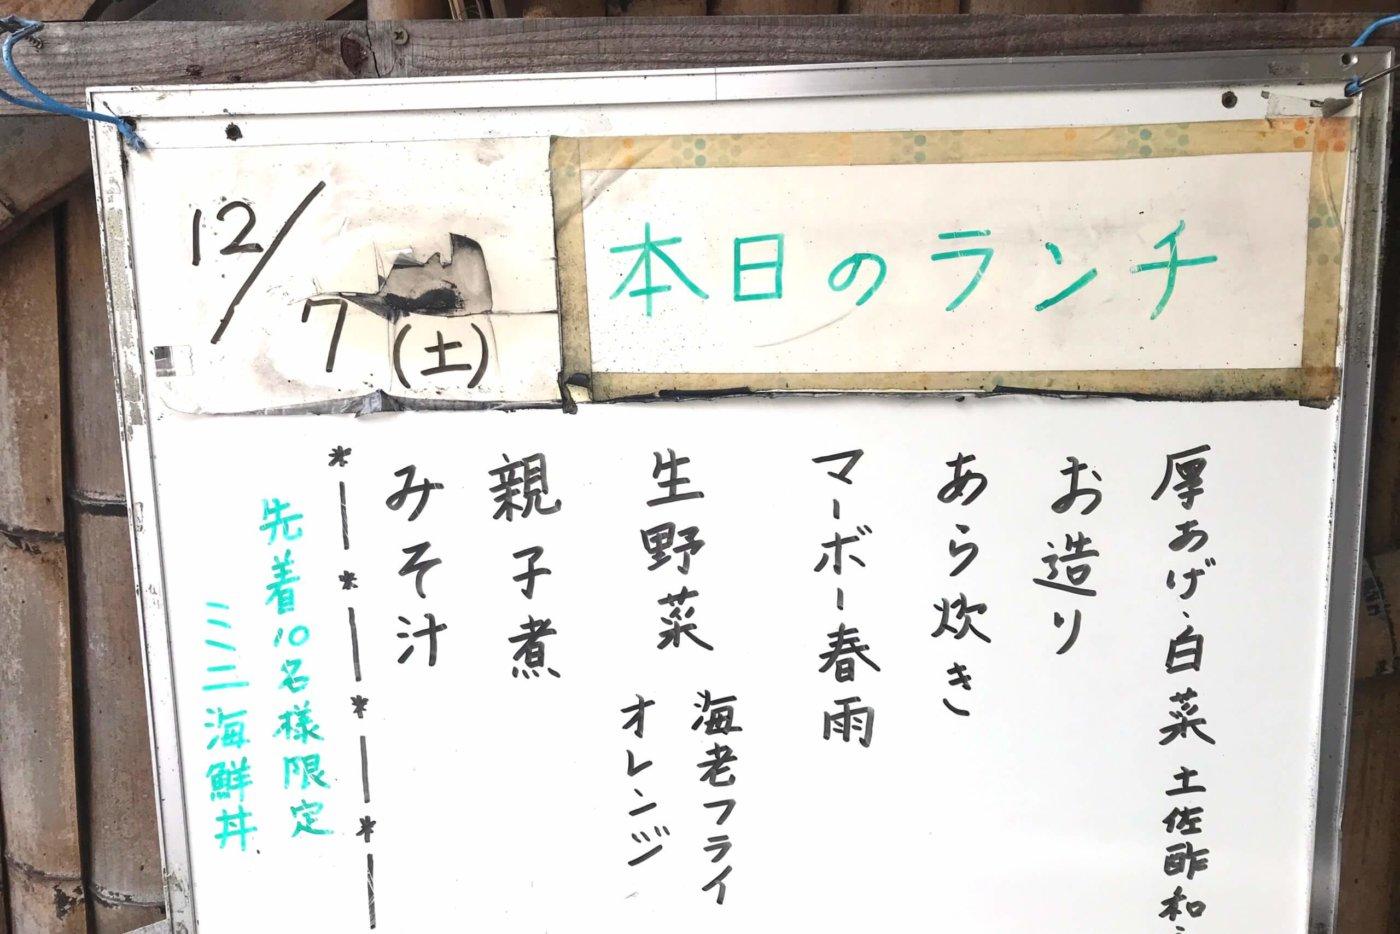 居食倶楽部 旬家(じゅんや) 店先に掲載された本日のランチの内容